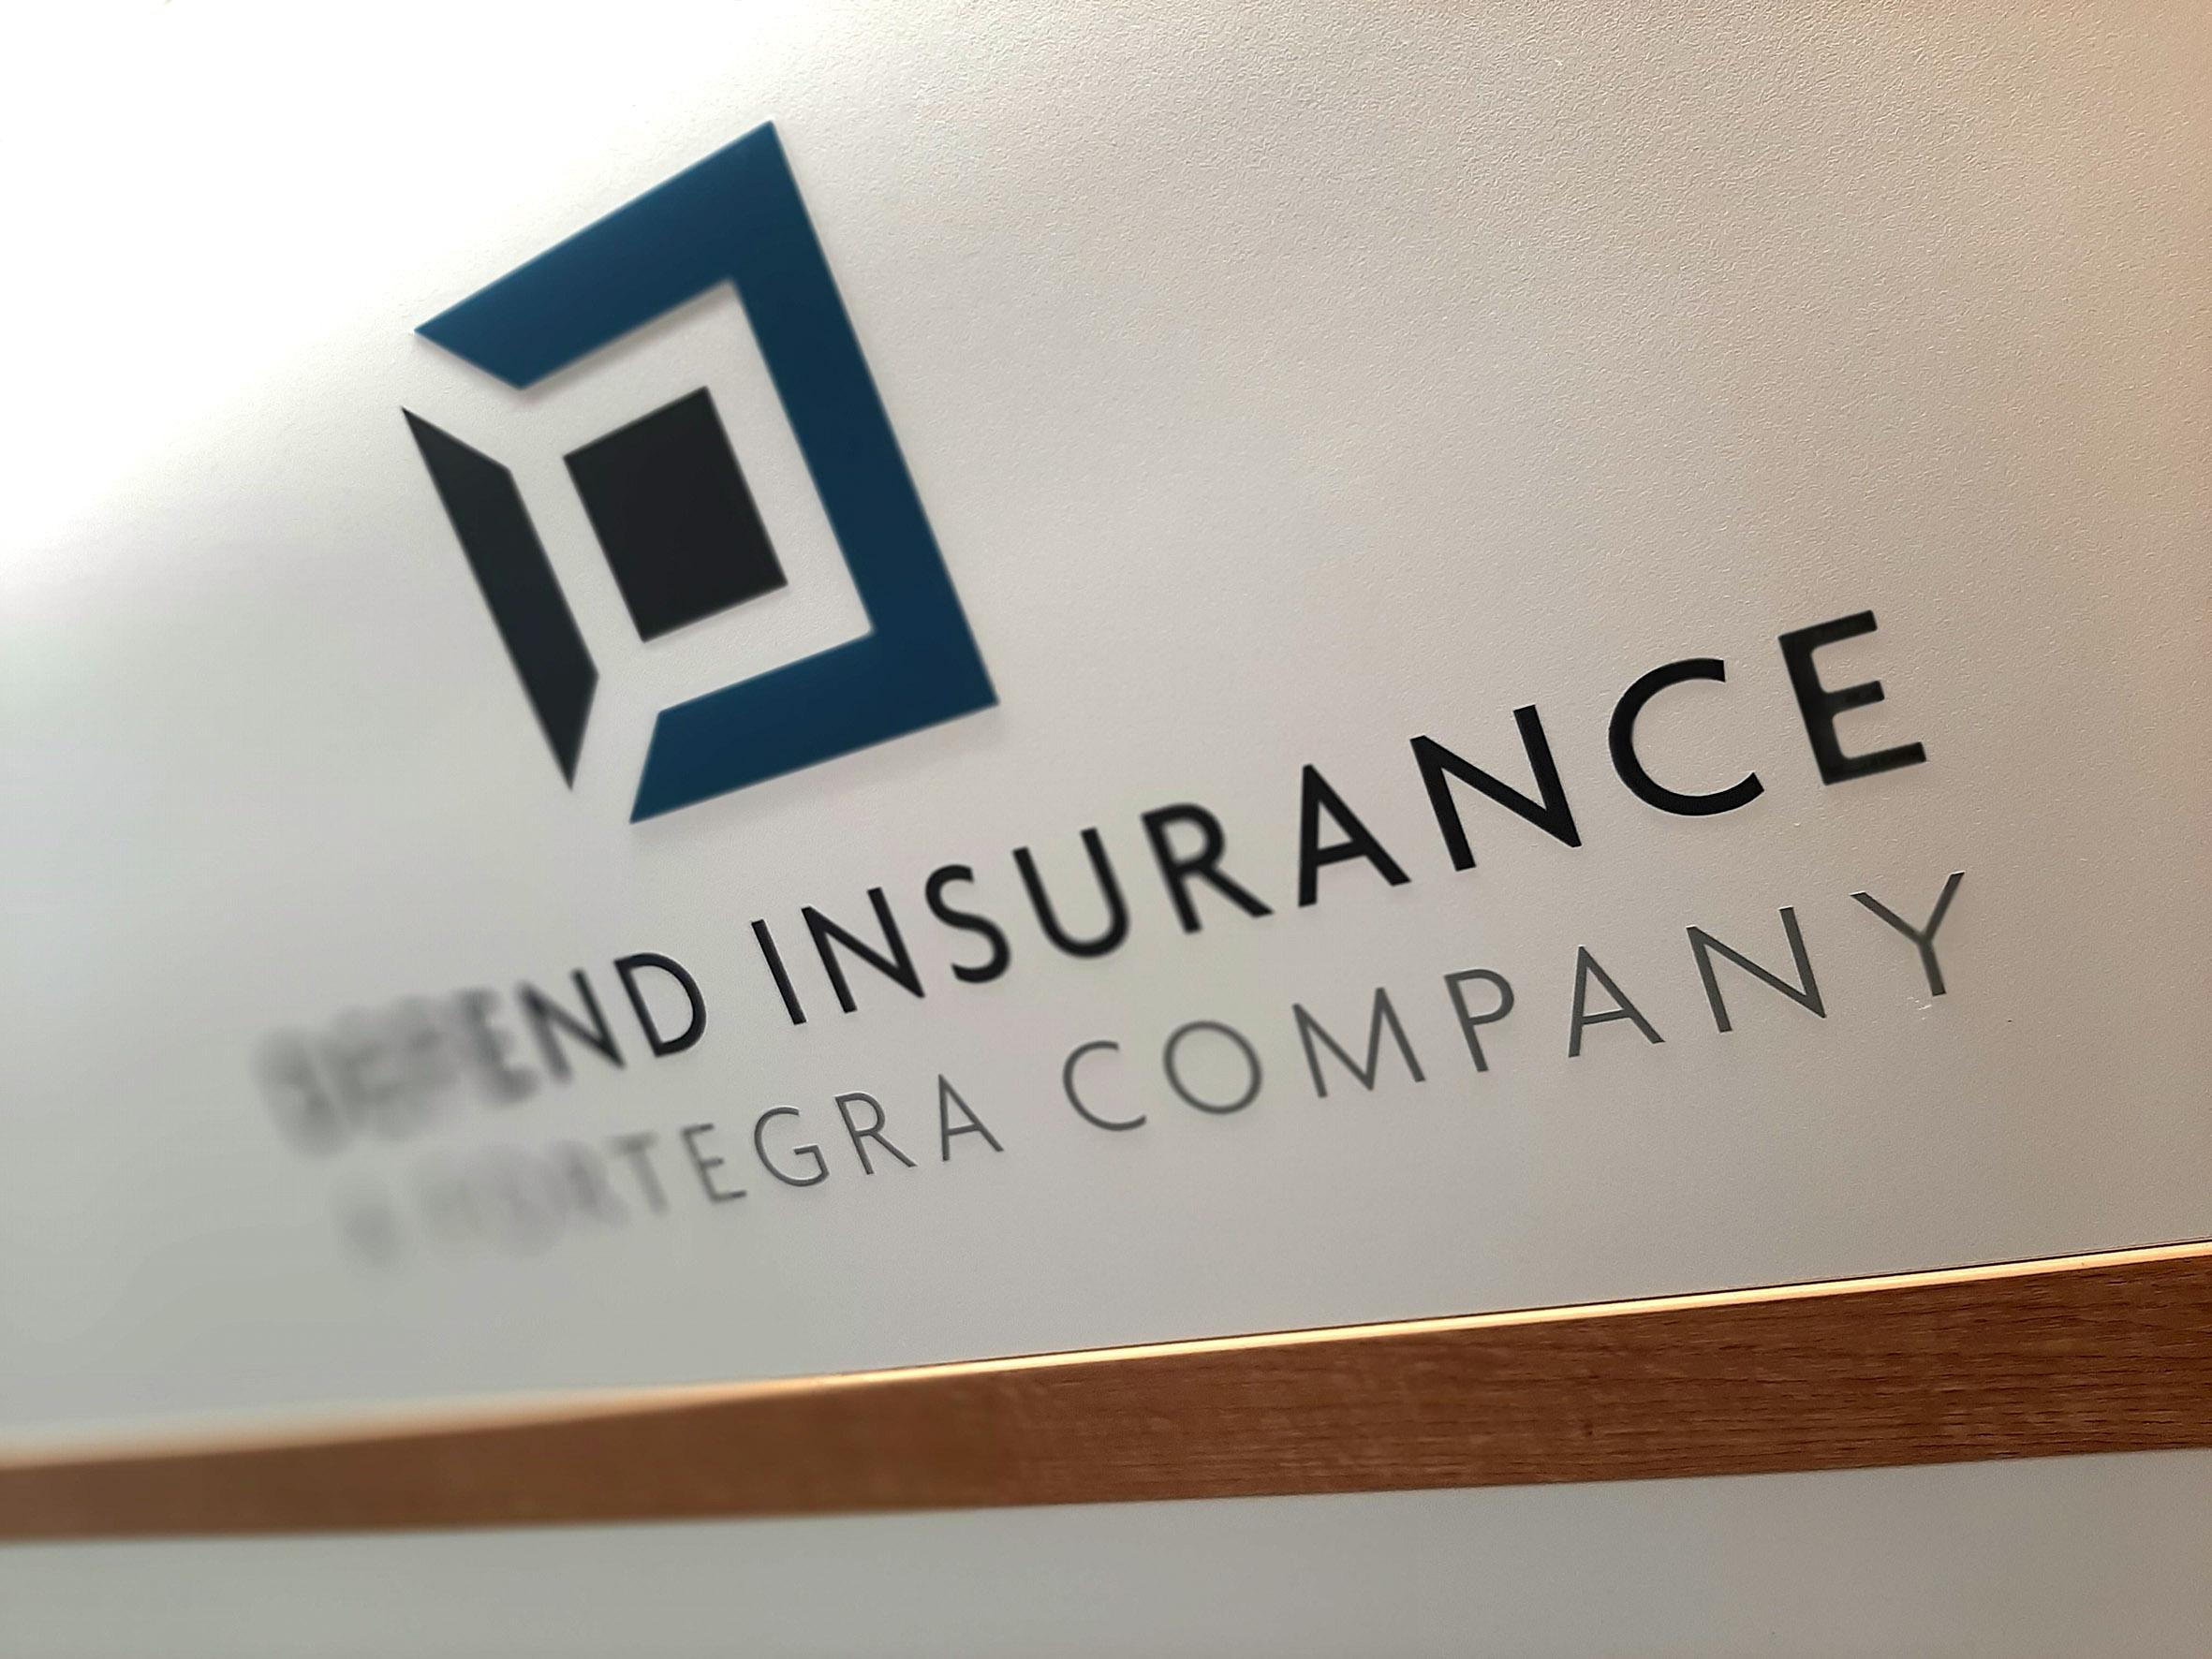 DEFEND – identita firmy – polepy v interiérech, polepy aut